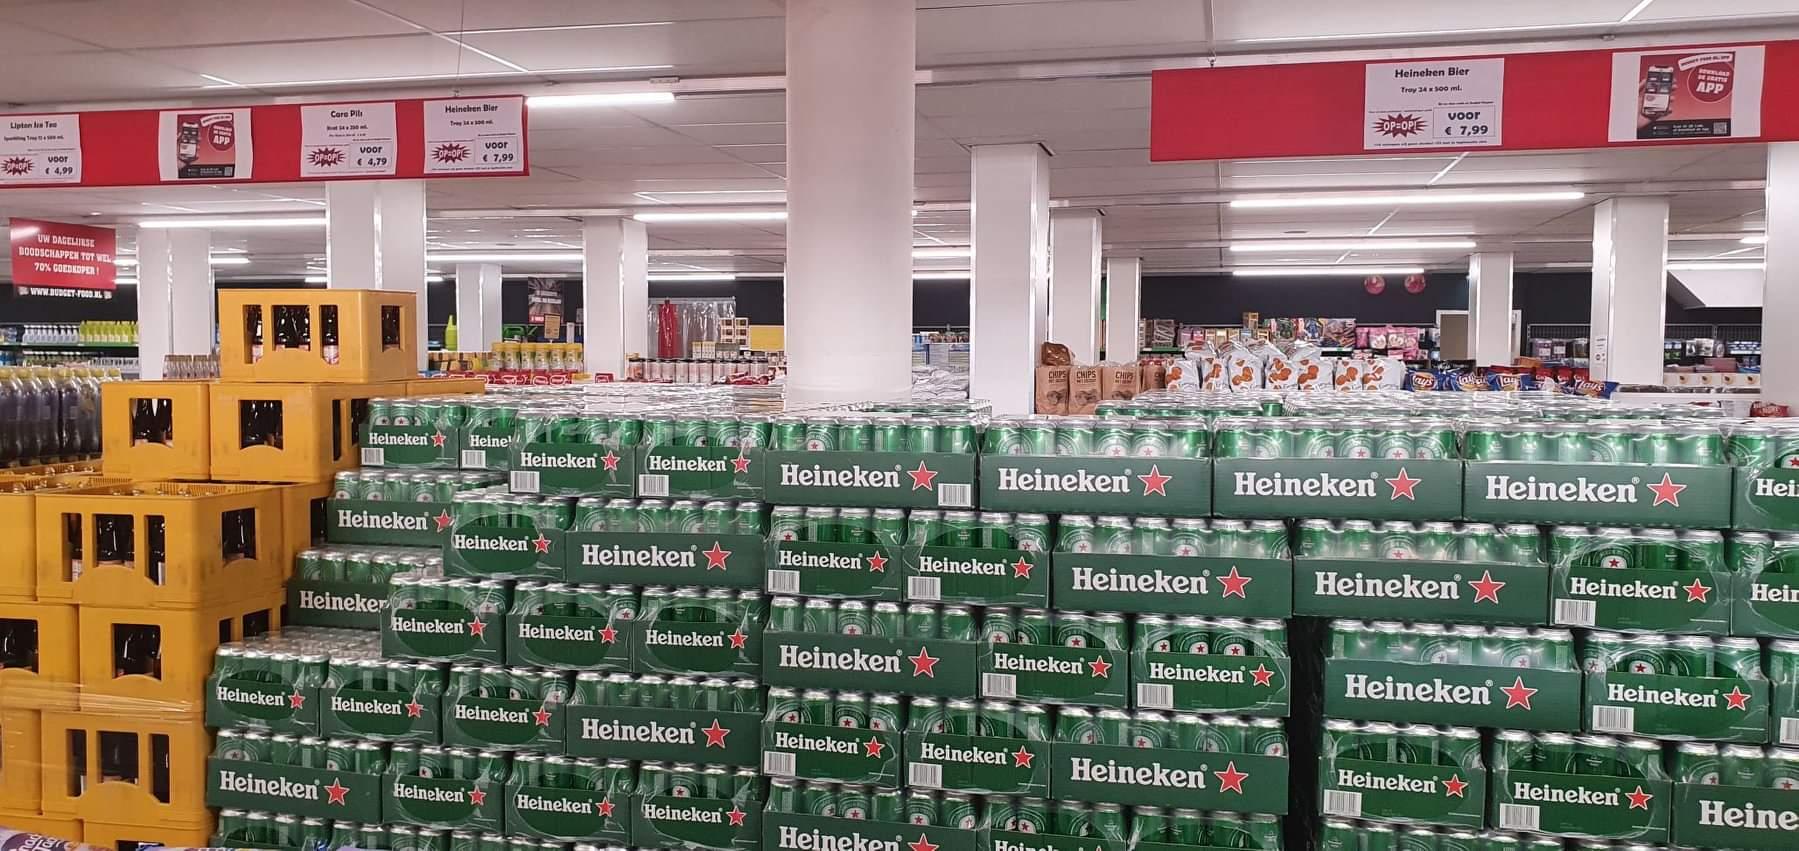 [Lokaal] Heineken blikken 24x 0,5l budget food Zwijndrecht